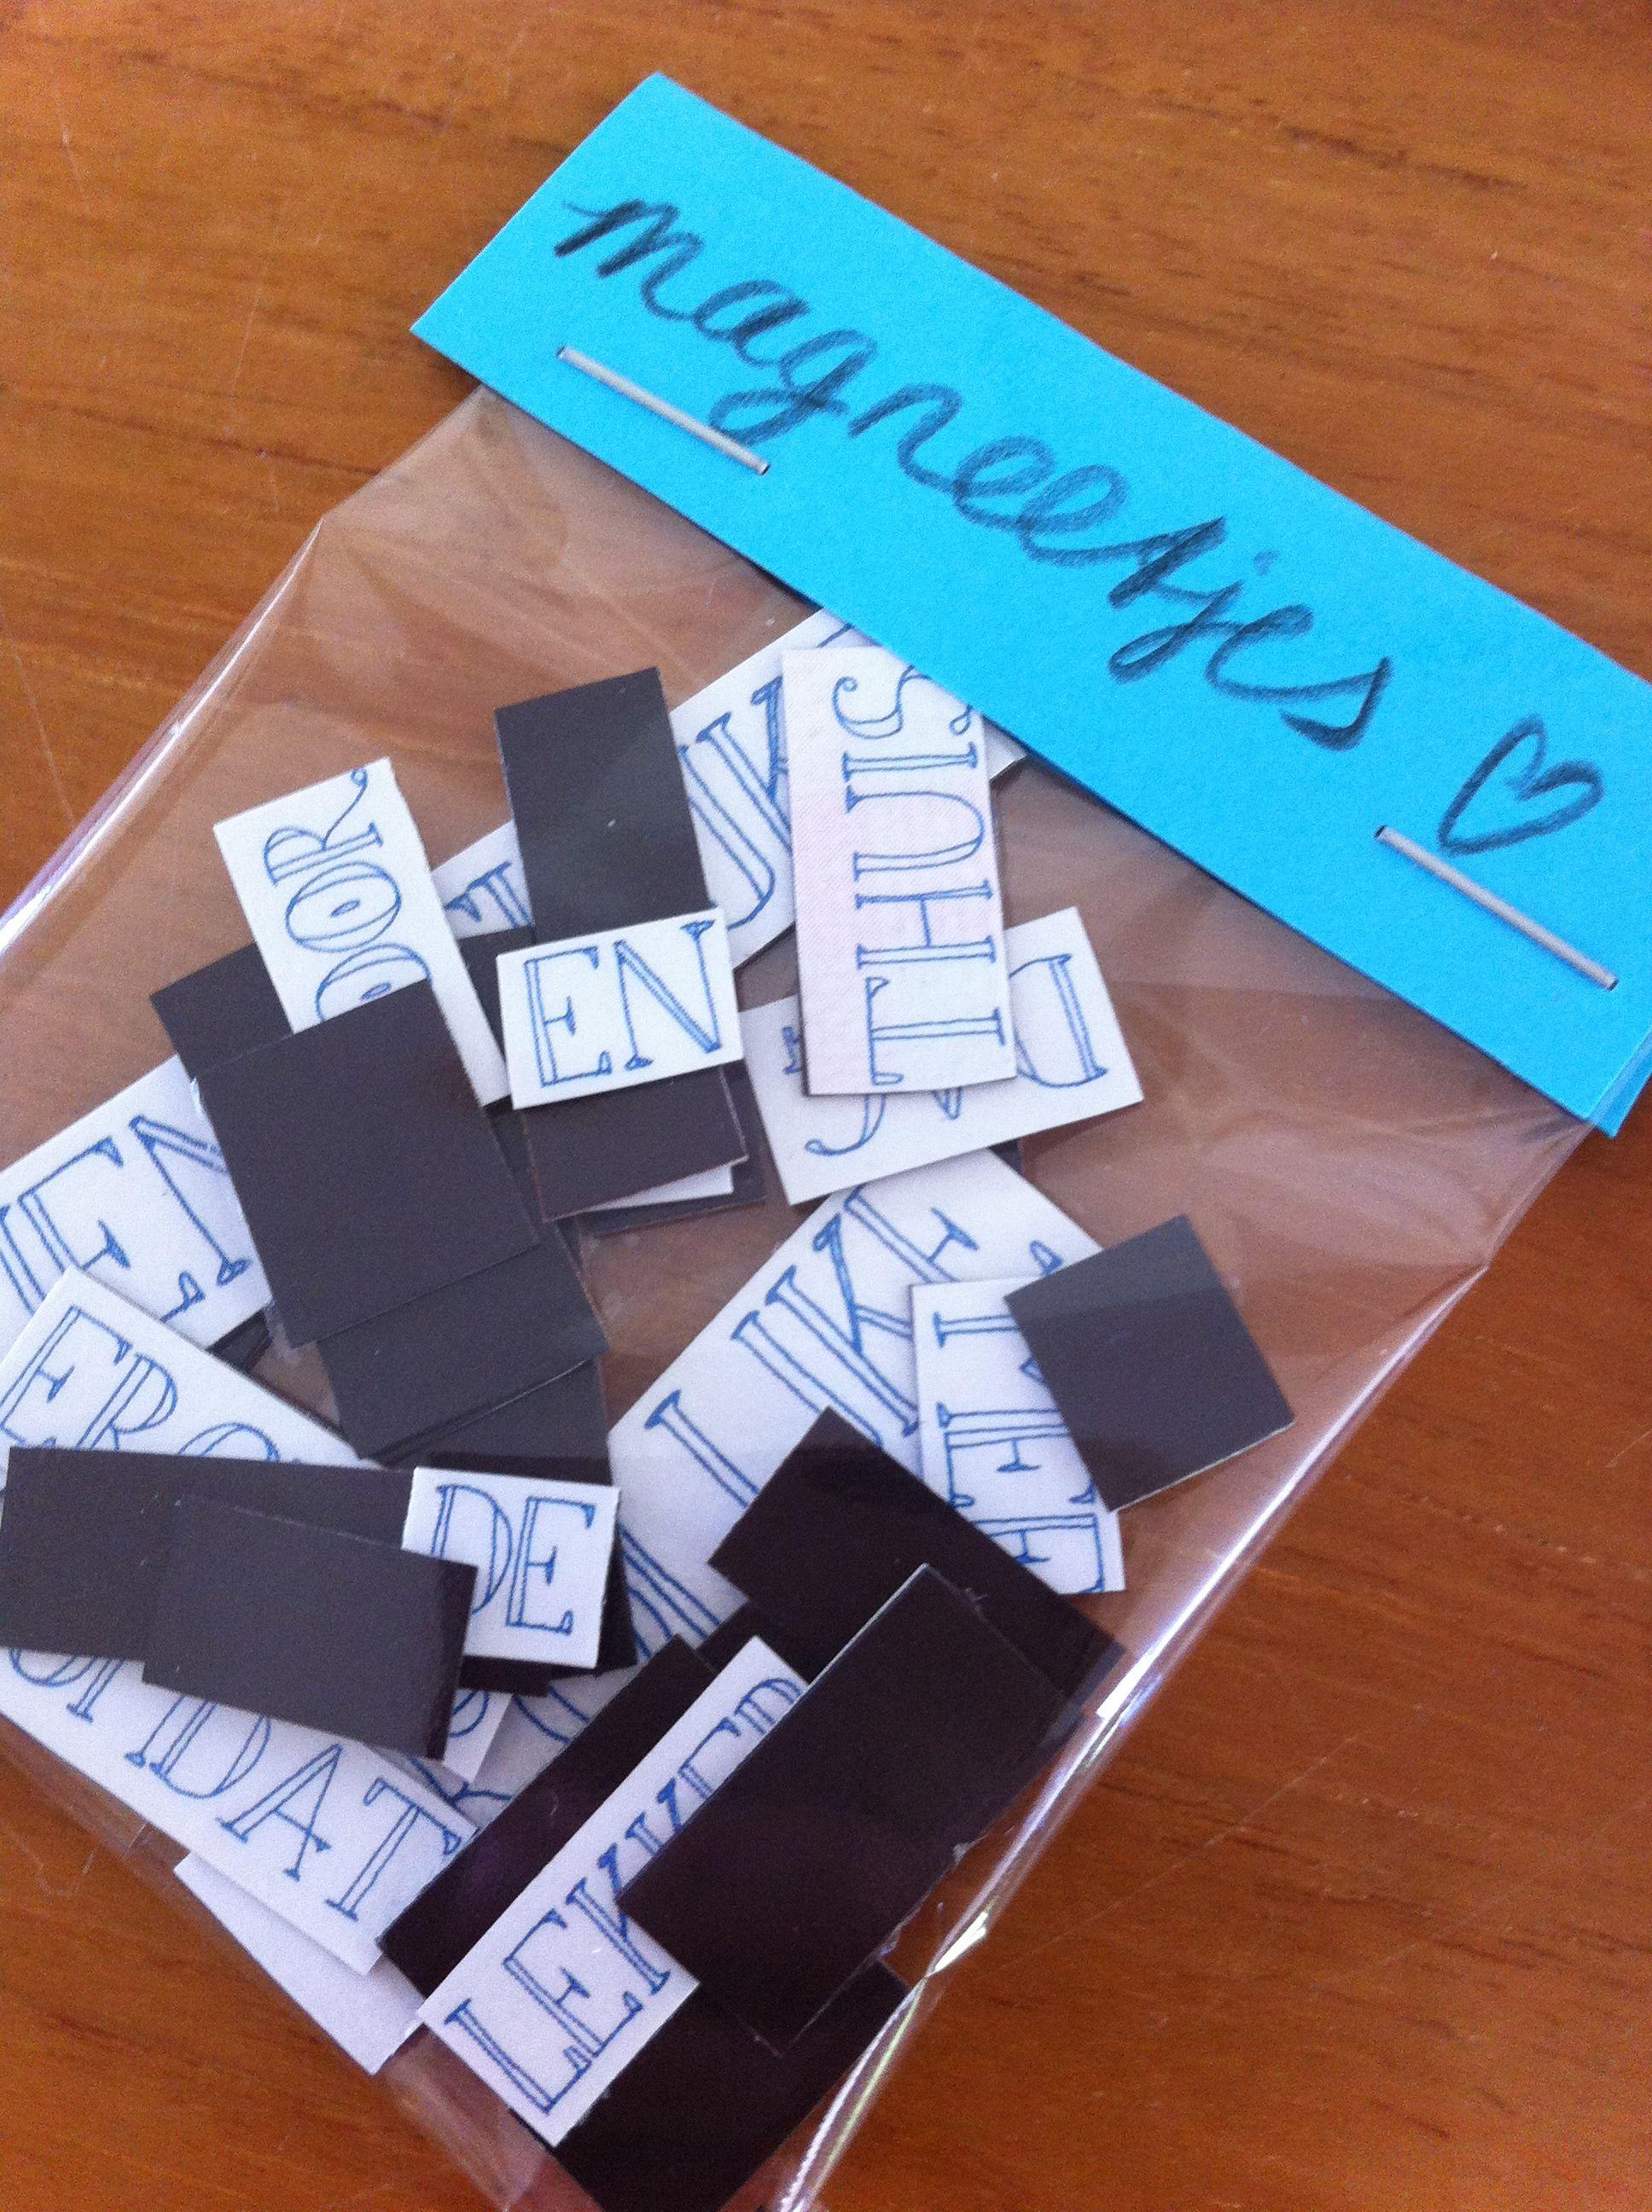 Verwonderend Zelf magneetjes maken, met washi tape en woordjes. Koelkast IC-34